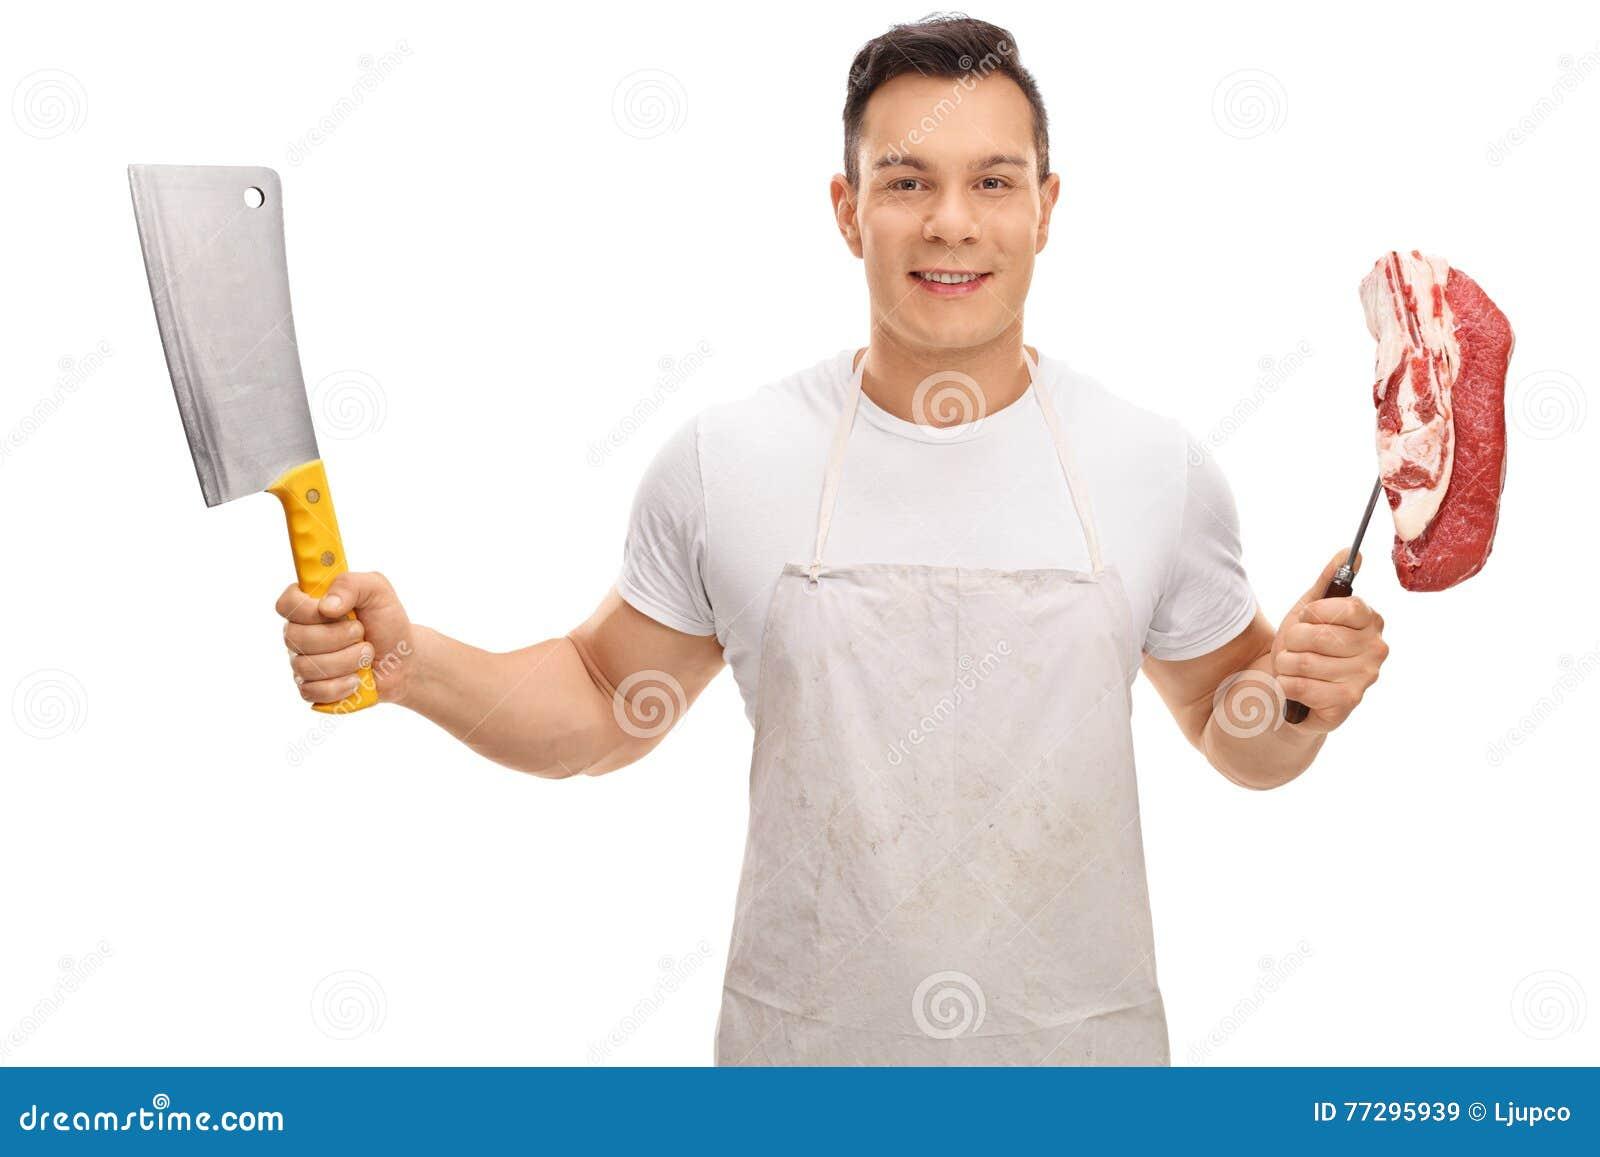 Mate sostener una cuchilla y una bifurcación con un filete